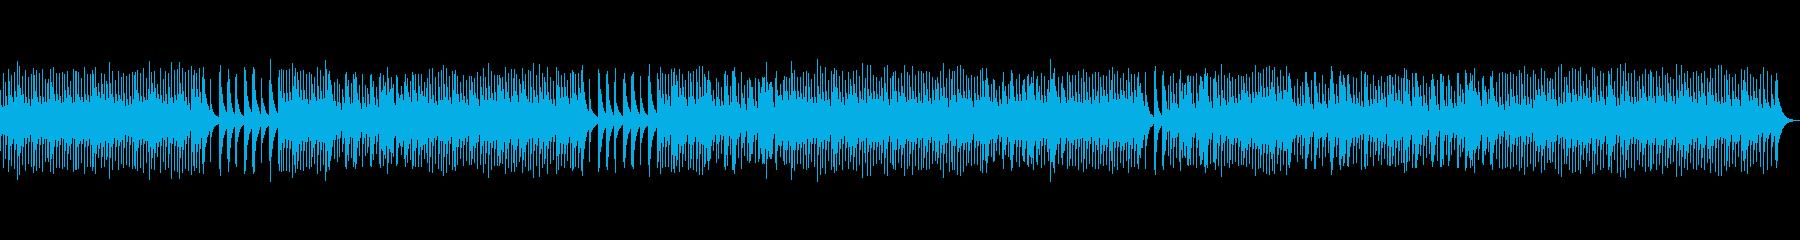 (オルゴール)主よ人の望みの… F_56の再生済みの波形